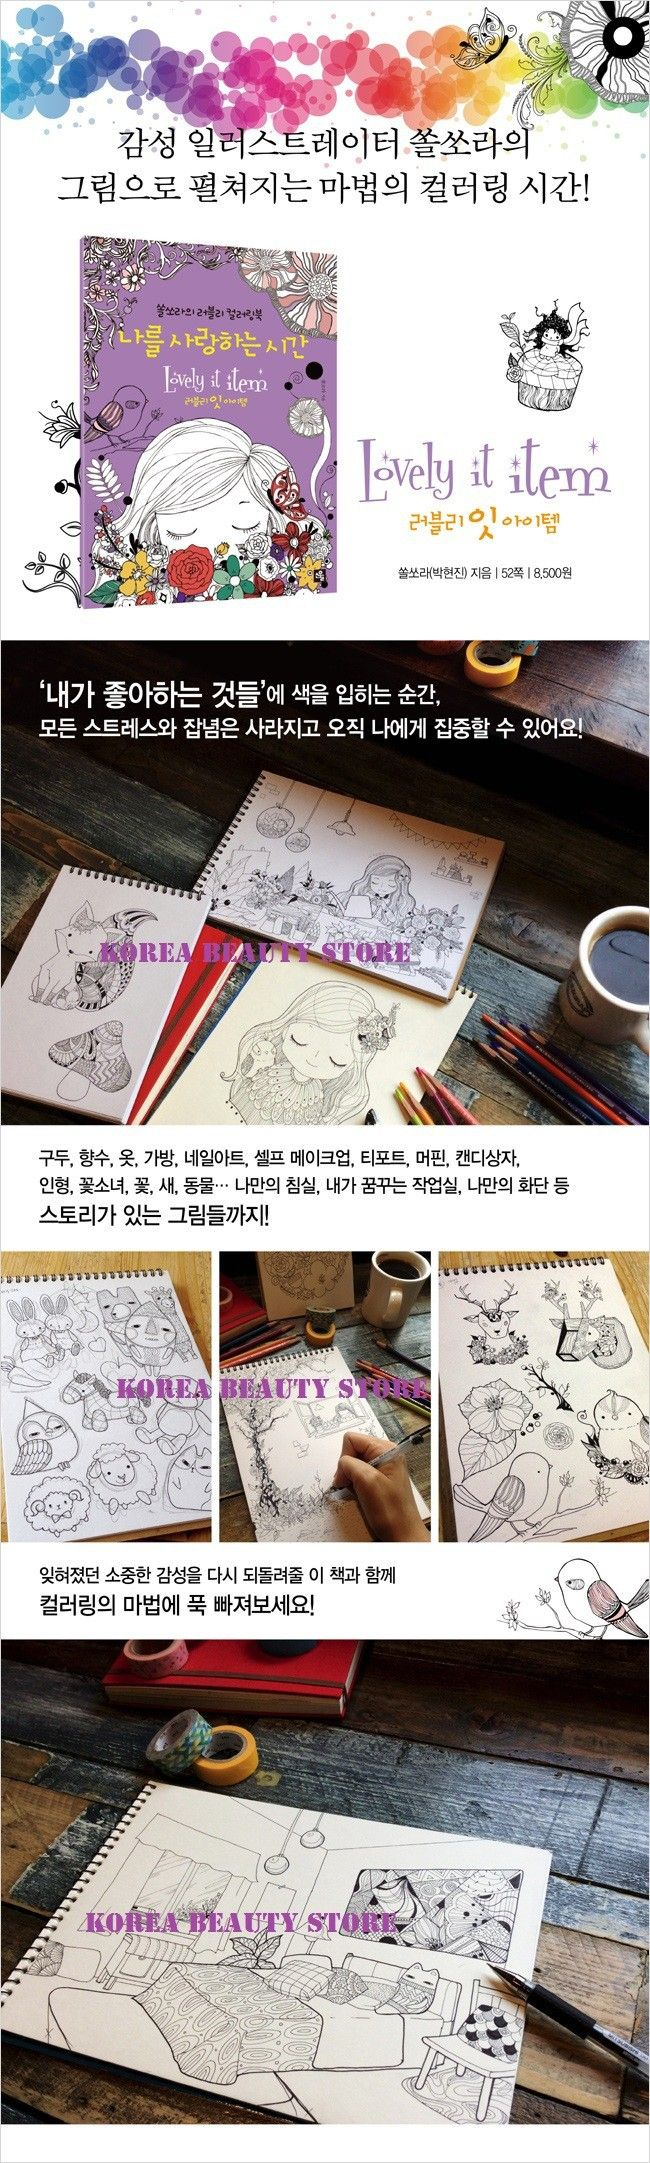 Арт терапия в Inky охота за сокровищами и книжка раскраска для детей взрослых граффити живопись рисунок книга секретный сад купить на AliExpress